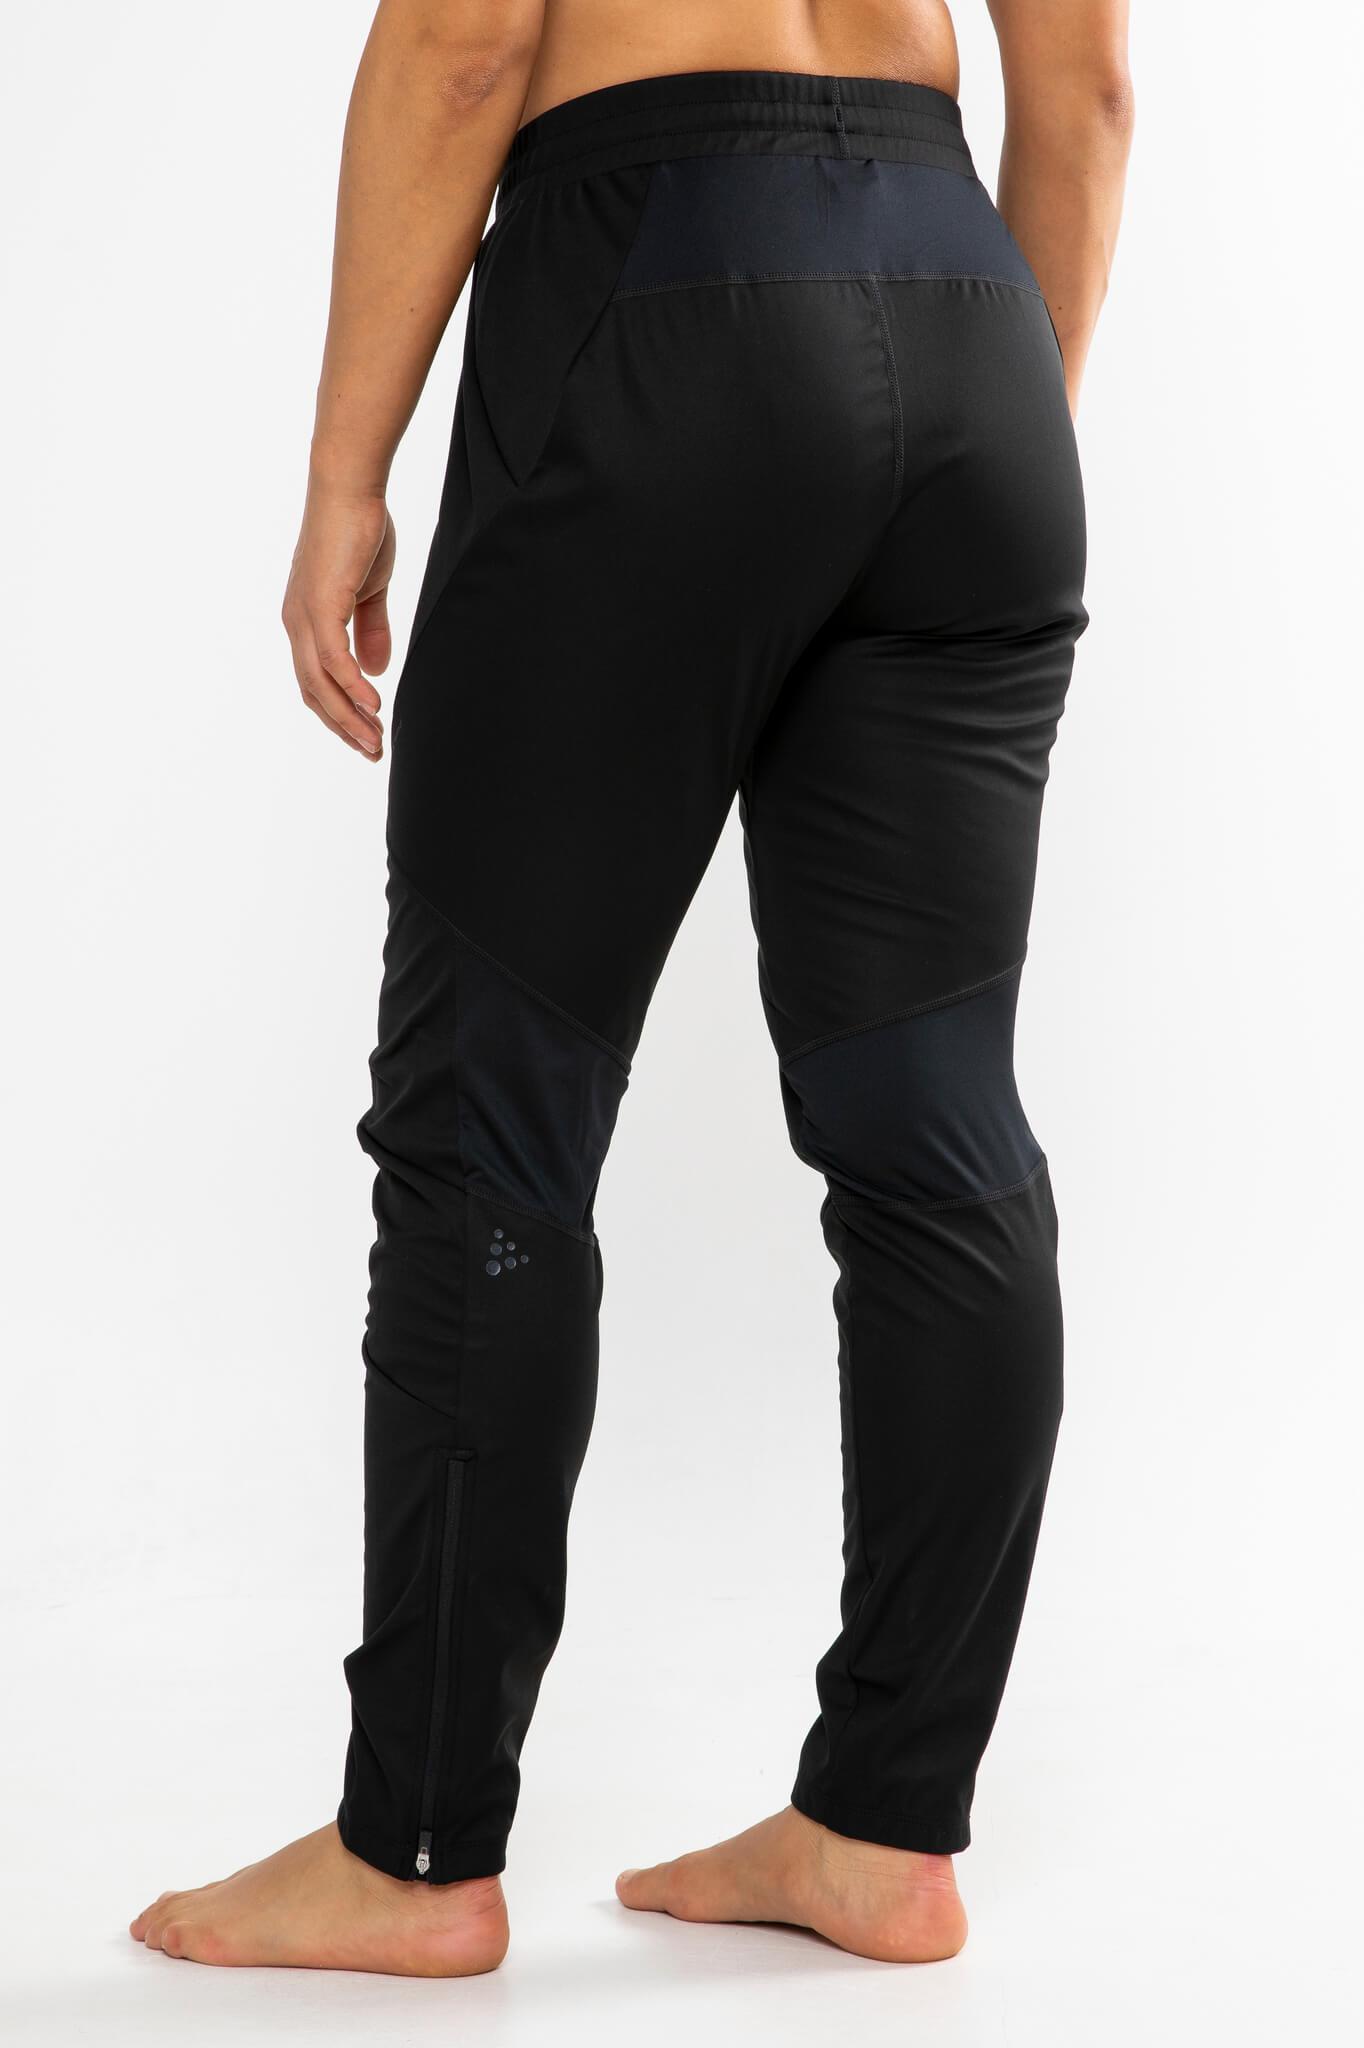 Craft Glide XC лыжные брюки женские черные - 9